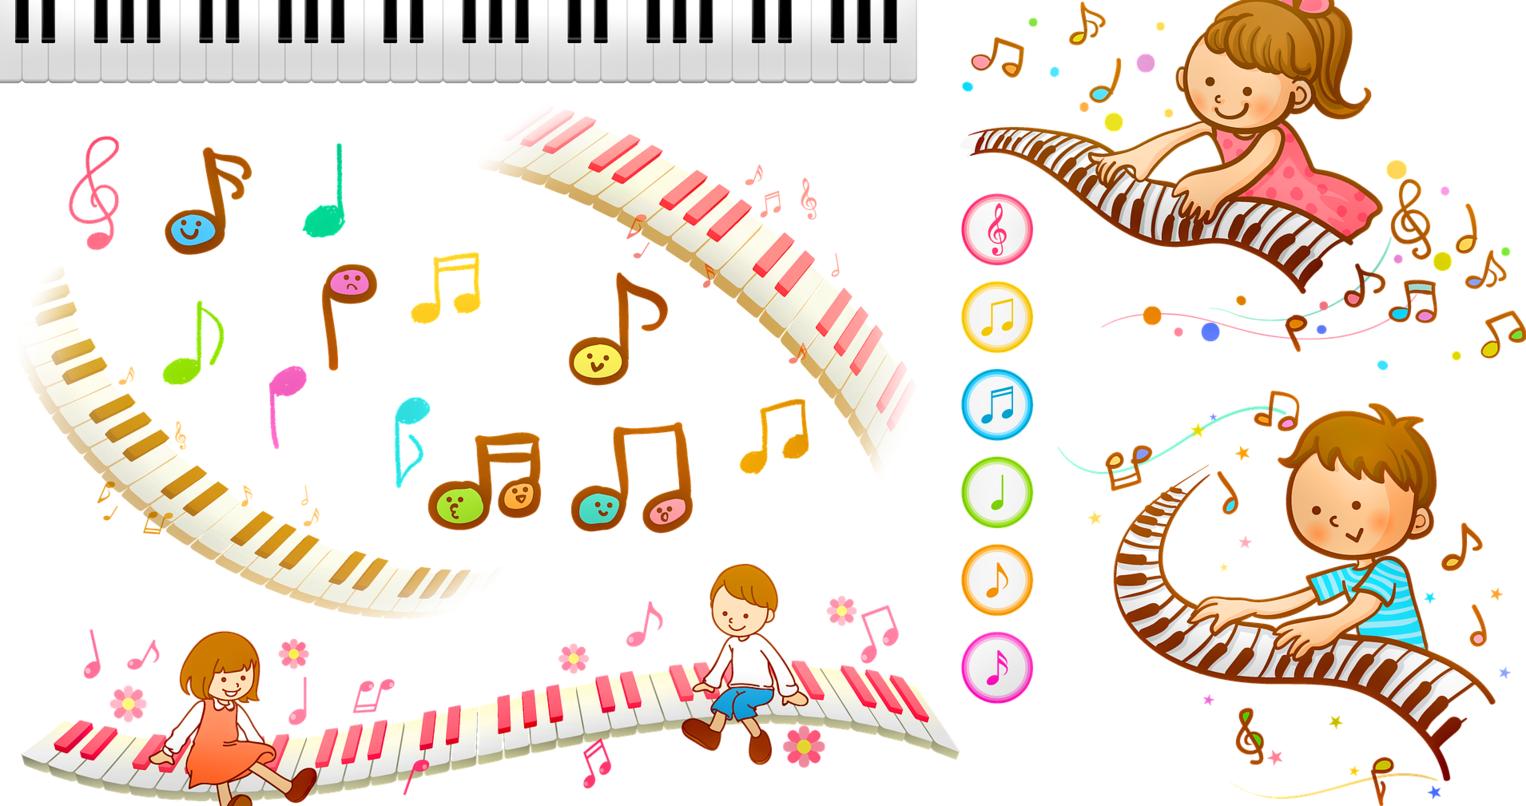 Upišite djecu u glazbenu igraonicu